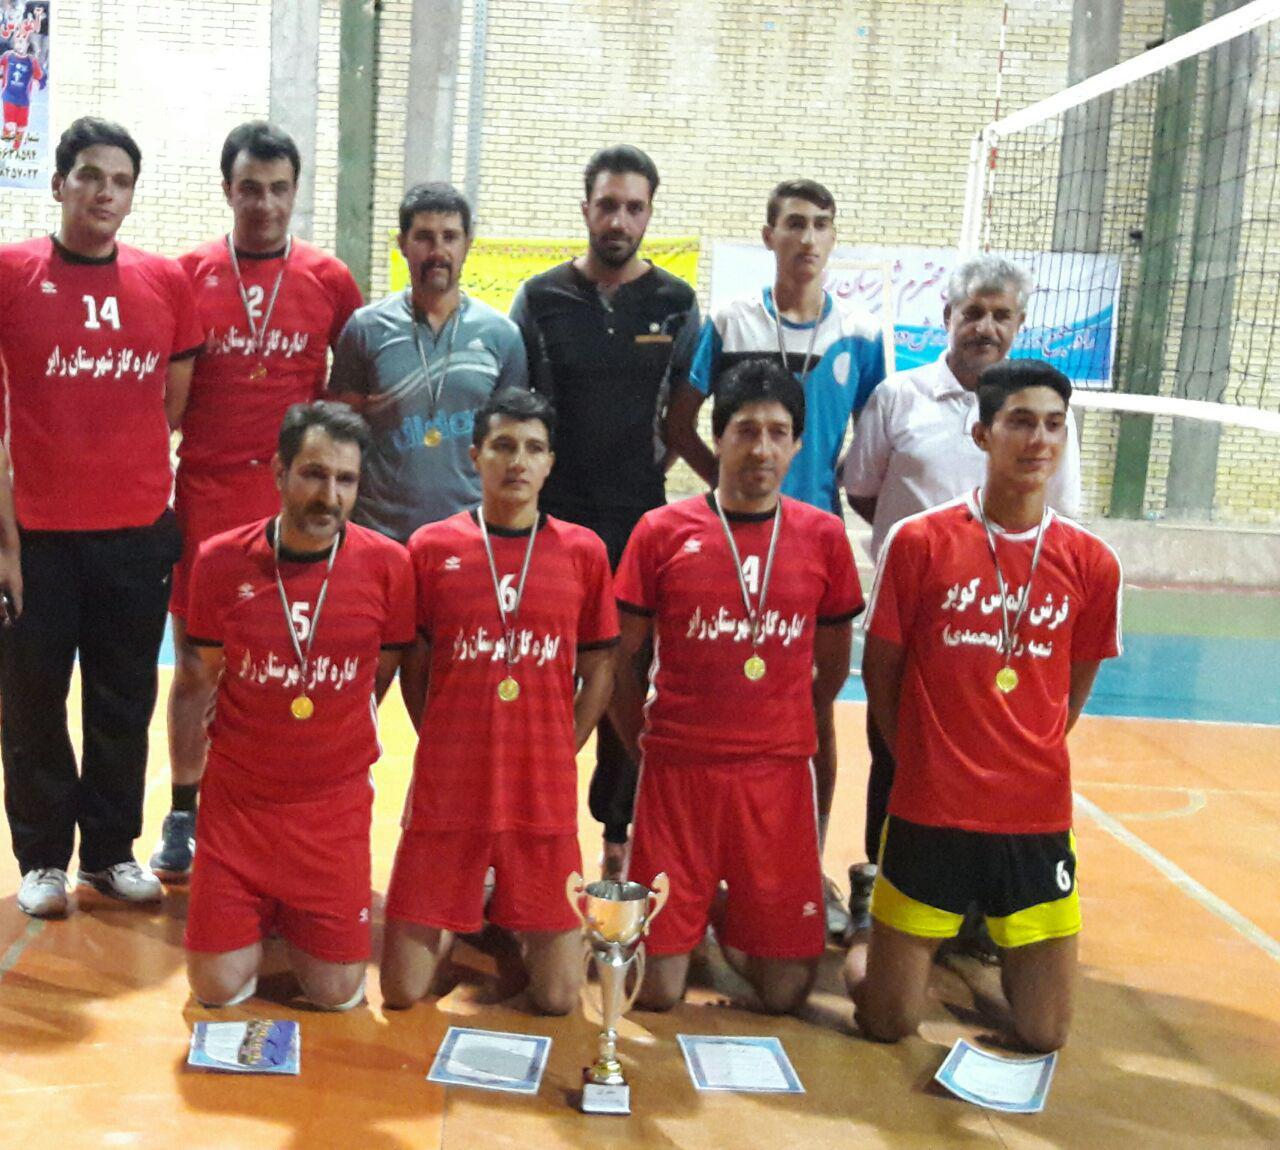 پایان مسابقات والیبال جام رمضان رابربا قهرمانی تیم والیبال اداره گاز